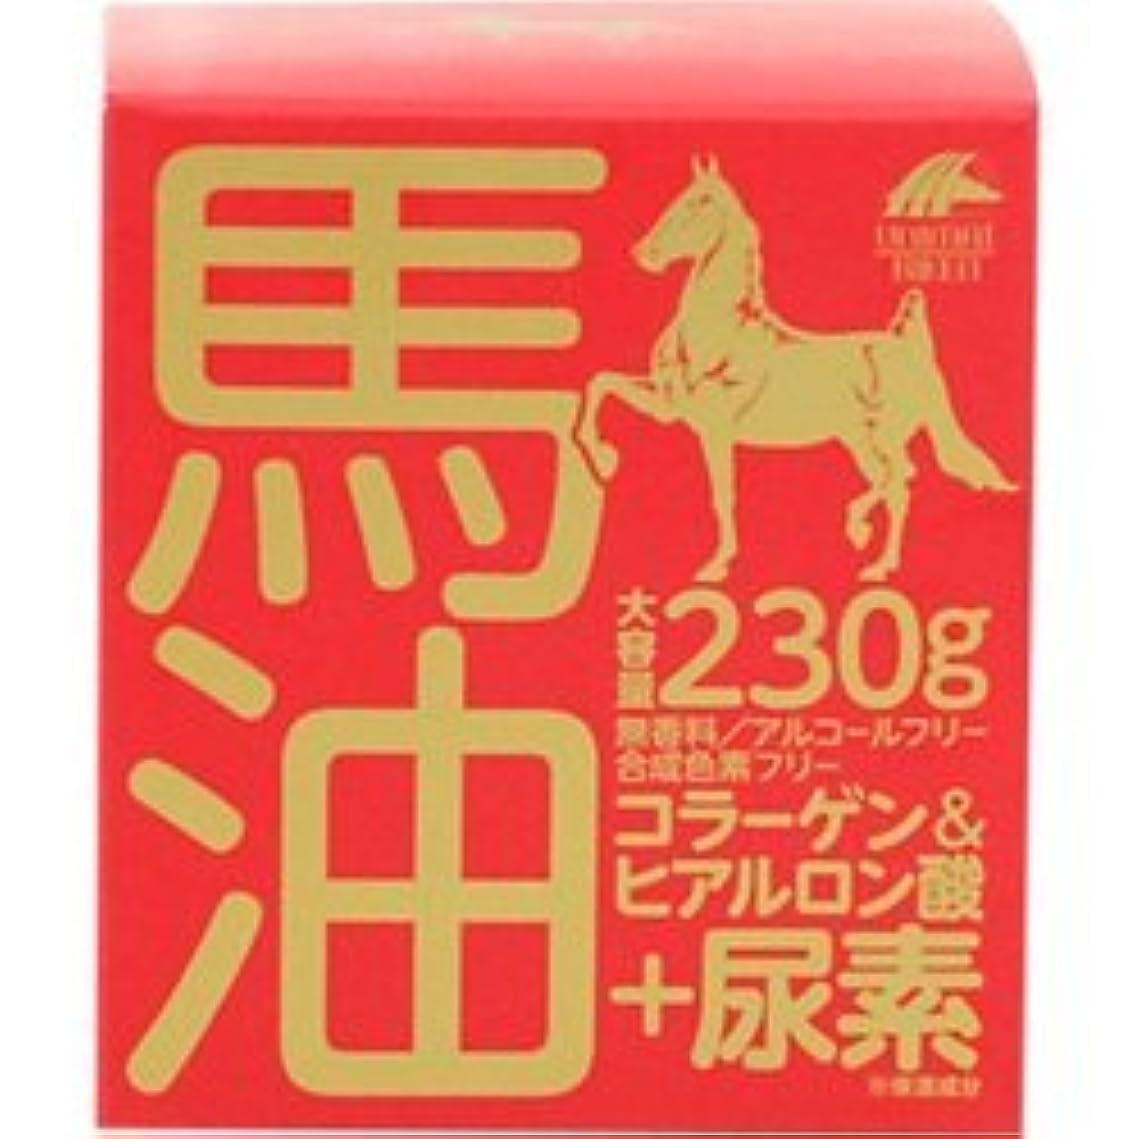 【ユニマットリケン】馬油クリーム+尿素 230g ×20個セット